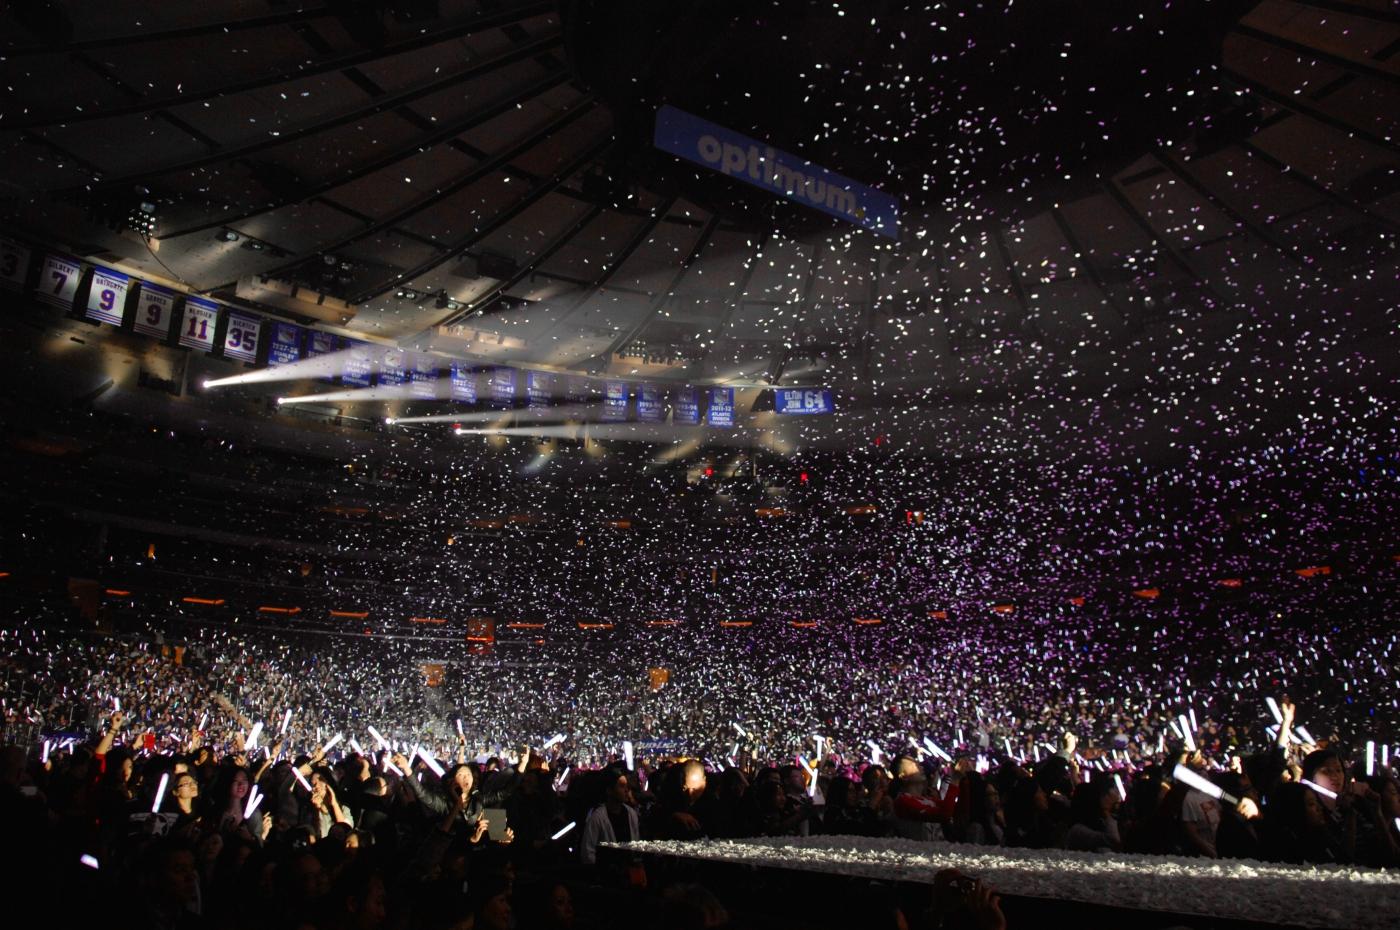 圖博-五月天今晚創造歷史, 引爆麥迪遜花園廣場Madison Square Garden-一萬多歌迷共同 ..._图1-1